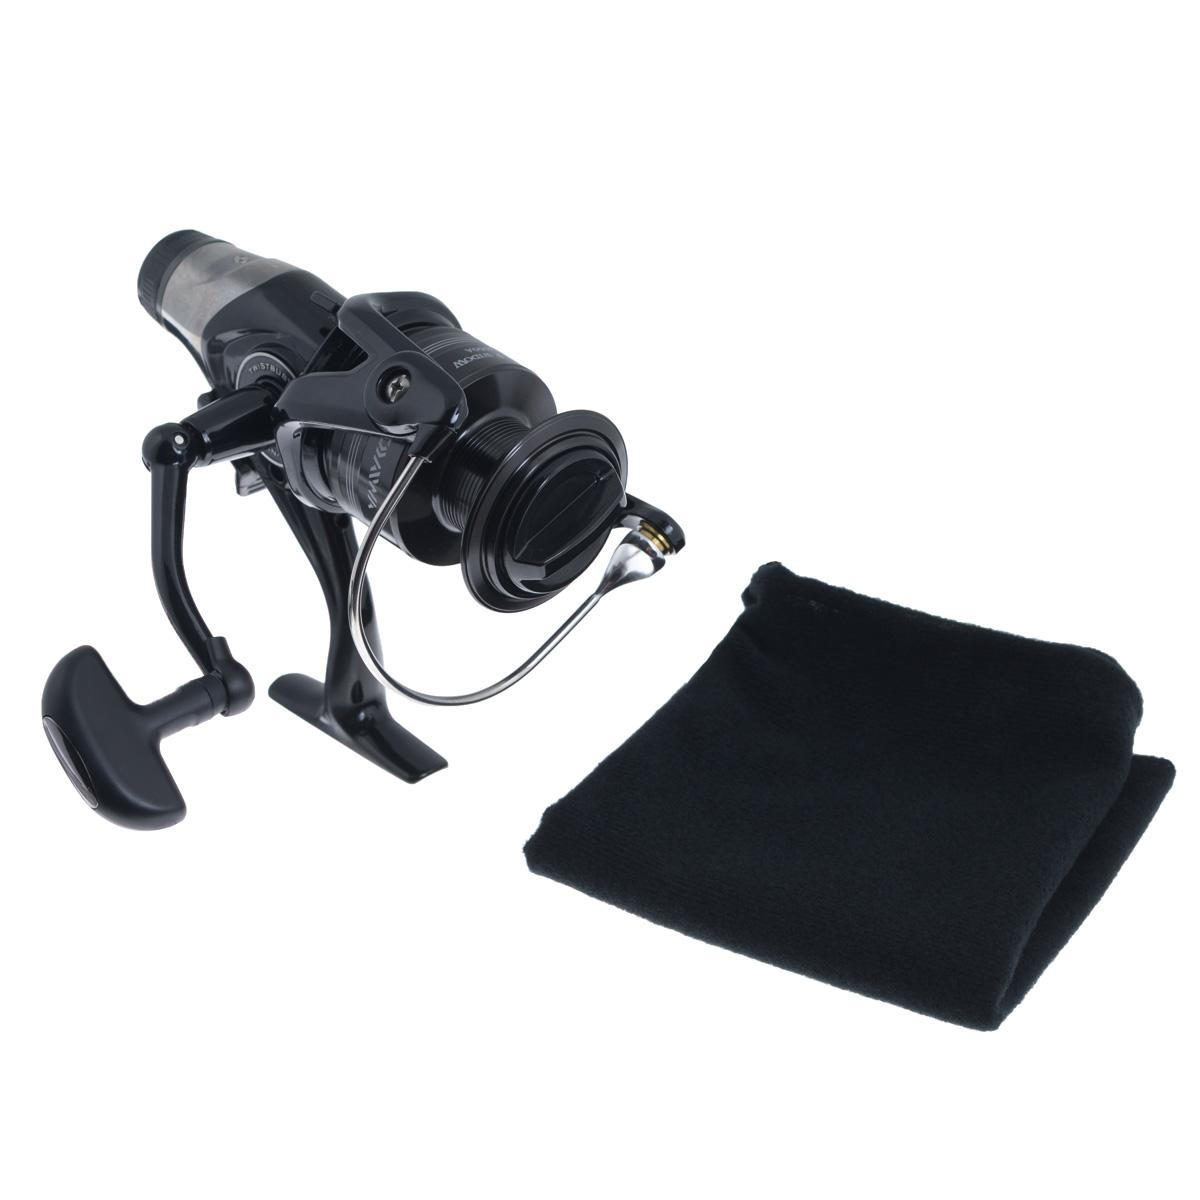 Катушка безынерционная Daiwa Black Widow BR 4000A, цвет: черный41643Серия BLACK WIDOW теперь представлена не только в серии популярных удилищ, но и в новой линии катушек с бейтранером. Точная регулировка механизма бейтранера позволяет значительно расширить сферу использования катушек. Вы можете с успехом ловить как карпа, так и угря и судака. Катушка Daiwa Black Widow BR 4000A создана по высоким японским производственным стандартам и отличается великолепным соотношением цены и качества. Механизм BitenRun.TWIST BUSTER - противозакручиватель лески с покрытием твердым хромом и нитридом титана, защищенныйбамперным элементом.AIR BAIL - трубчатая (полая), но супер прочная и легкая дужка особой конструкции, которая предотвращает закручивание лески.INFINITE ANTI-REVERSE - система мгновенного стопора обратного хода ротора. В основе лежит роликовыйподшипник, предотвращающий обратное вращение (блокировка по принципу обгонной муфты).Вес катушки: 459 г.Емкость шпули: 0,3 мм - 270 м, 0,32 мм - 240 м, 0,35 мм - 200 м.Намотка за оборот ручки: 79 см.